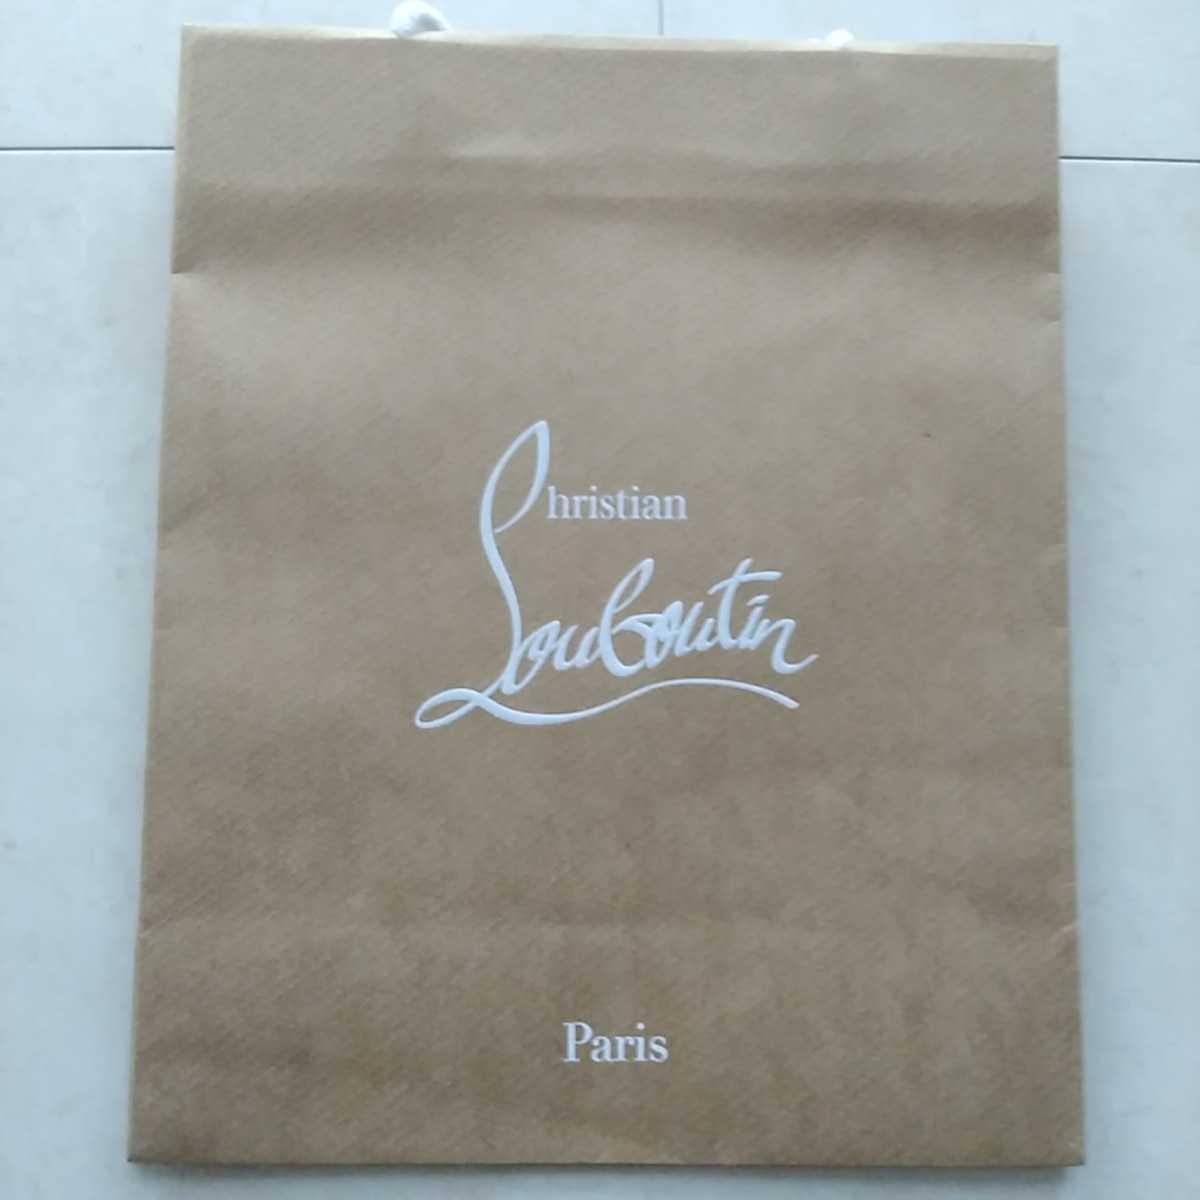 ☆新品☆ルブタンの紙袋☆サイズ小☆クリスチャンルブタン☆自宅保管品_画像2